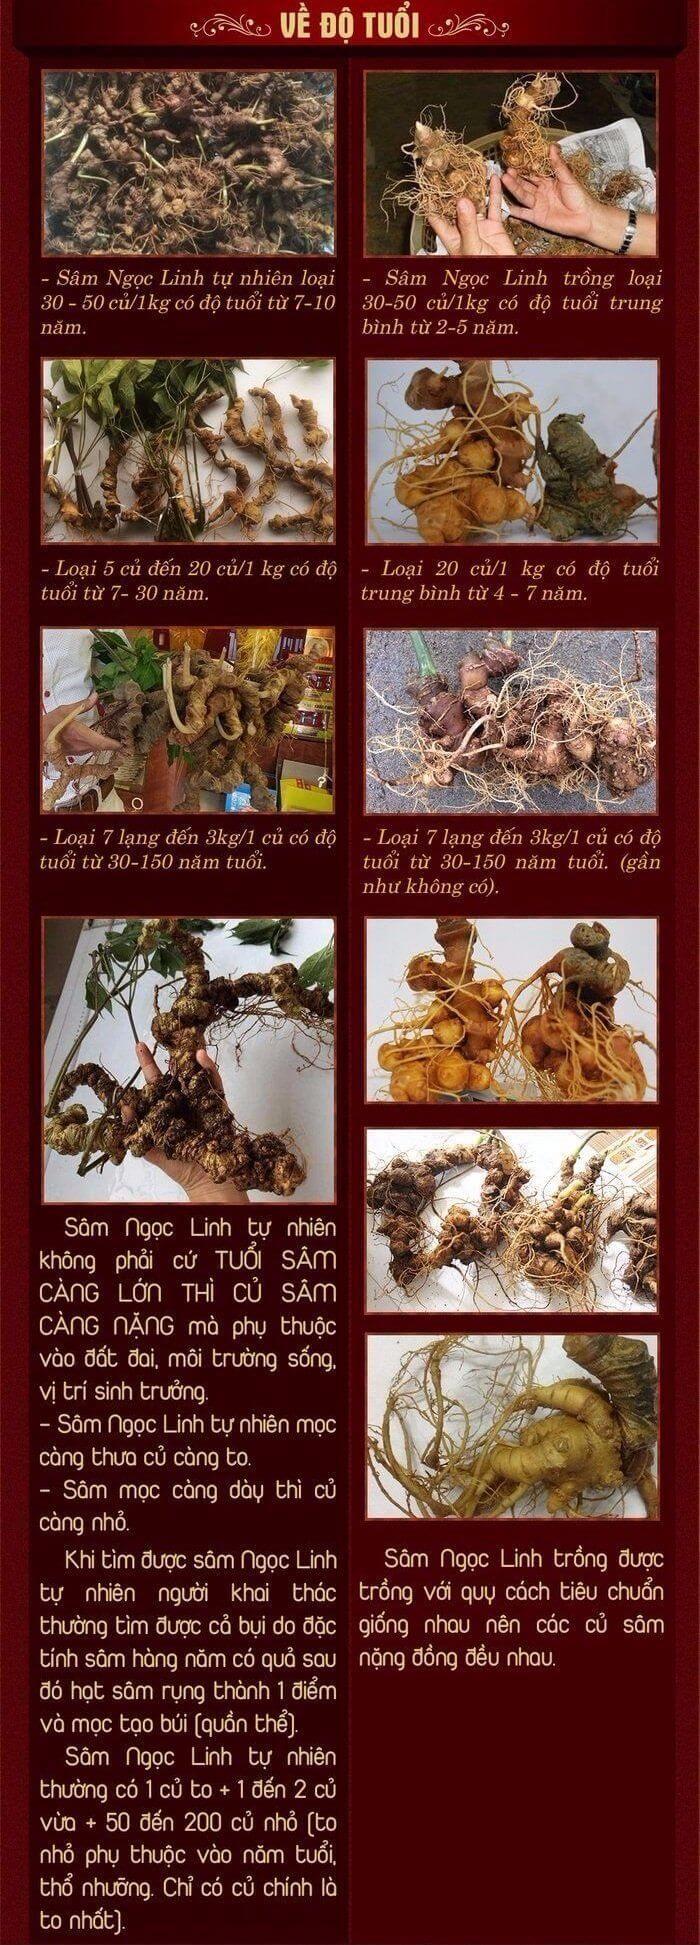 Cách phân biệt sâm Ngọc Linh tự nhiên và sâm Ngọc Linh trồng 2